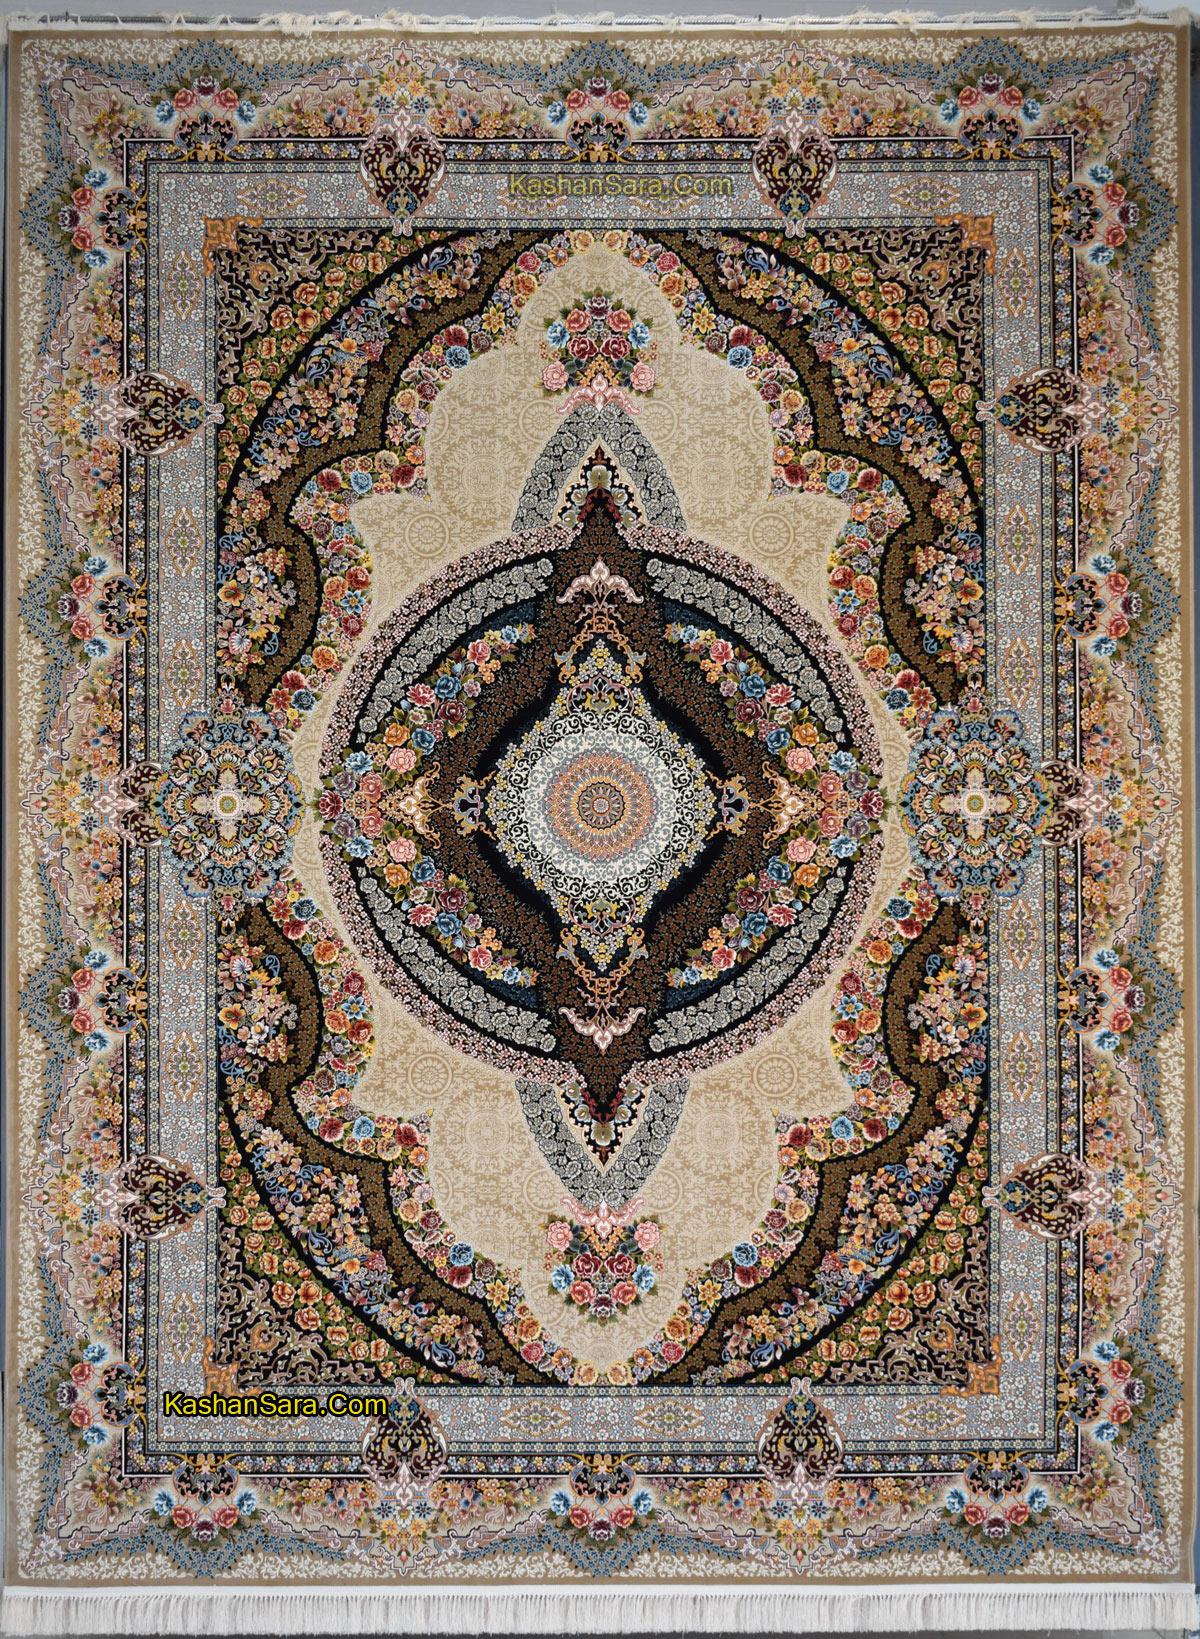 فرش ۱۲۰۰ شانه کاشان مدل کرشمه